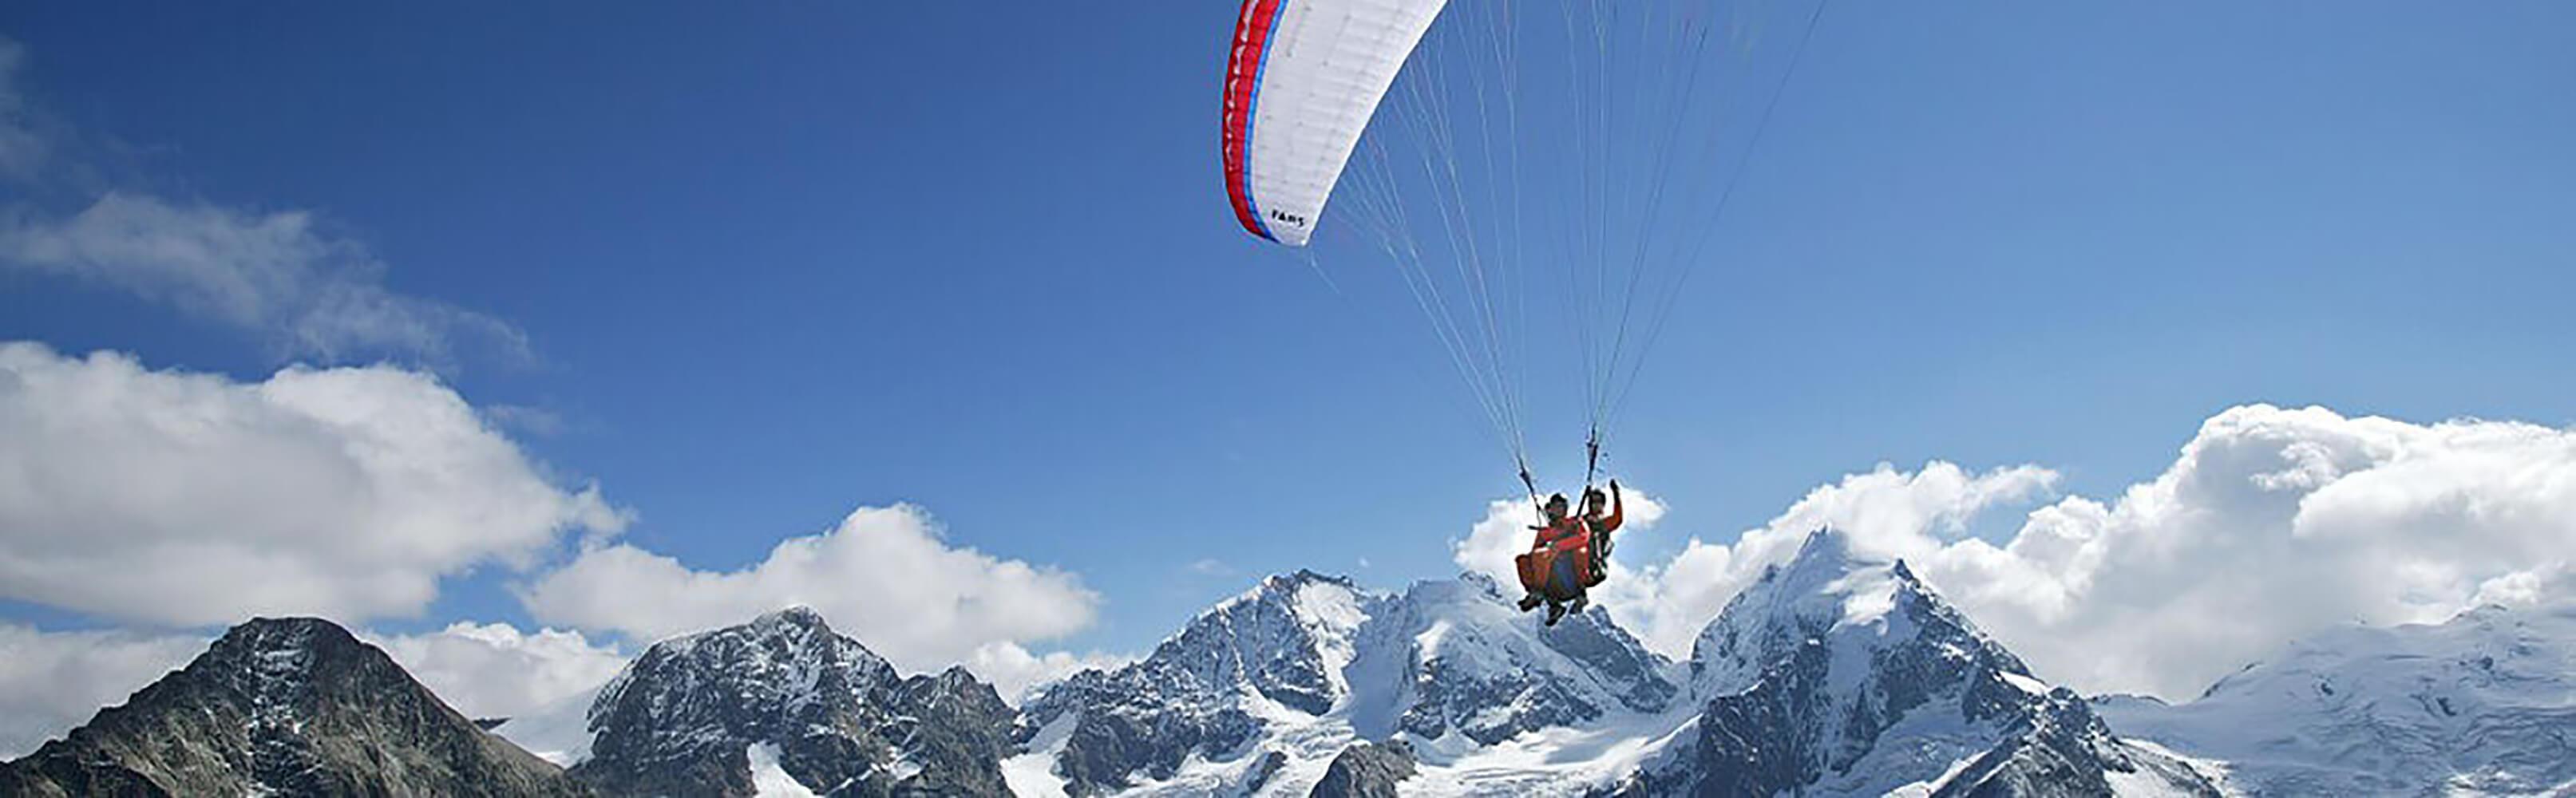 Flugerlebnisse in der ganzen Schweiz 1